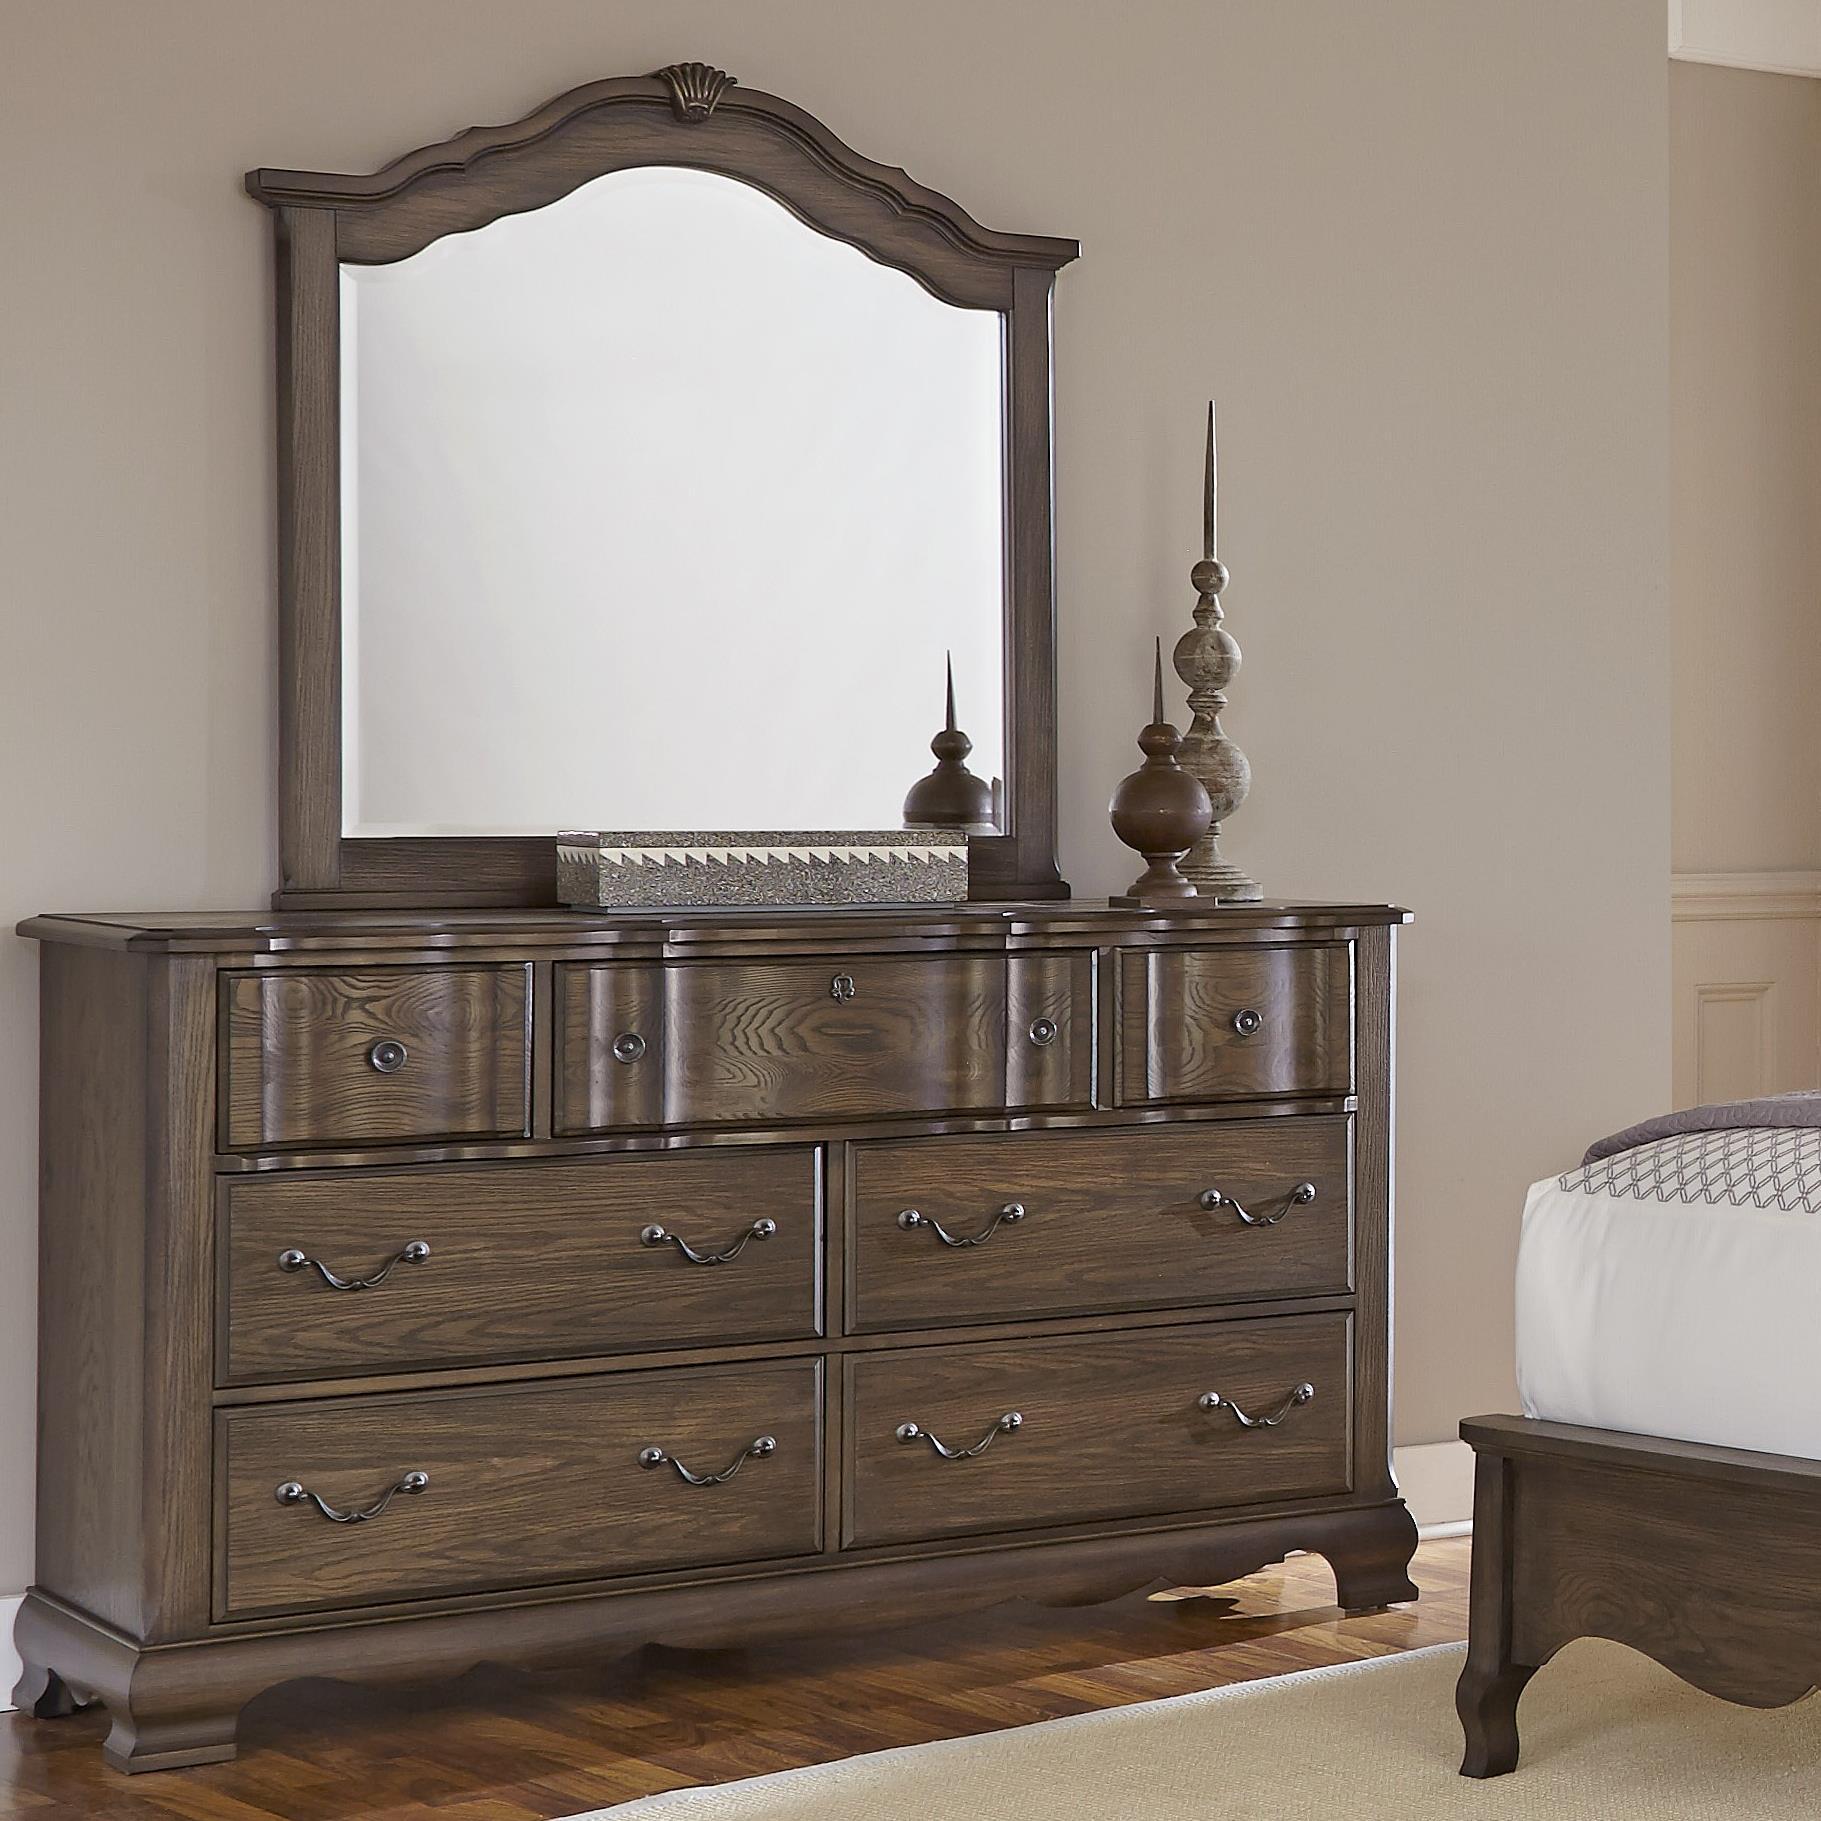 Vaughan Bassett Villa Sophia Dresser & Shelter Mirror - Item Number: 520-002+447